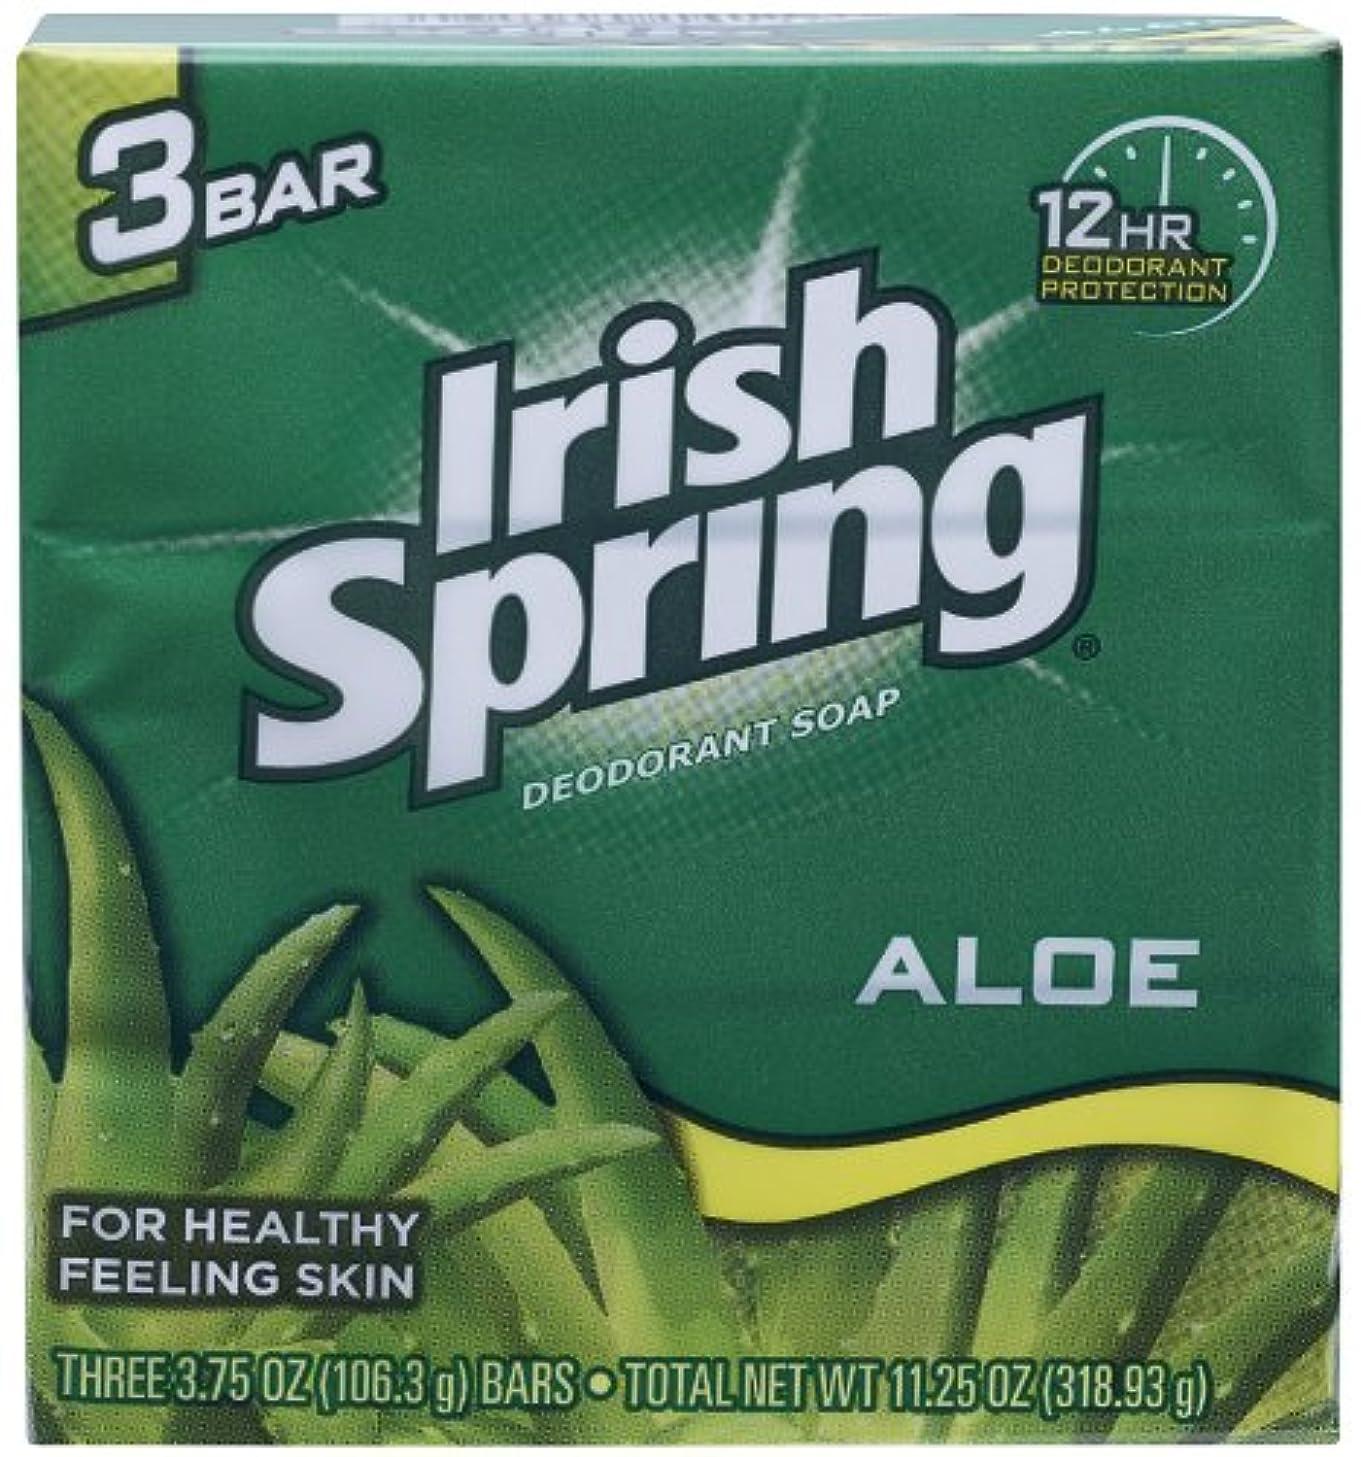 倉庫アライアンス毎週Irish Spring (IRIAL) ユニセックスのためにアロエデオドラントソープすることにより、3カウント